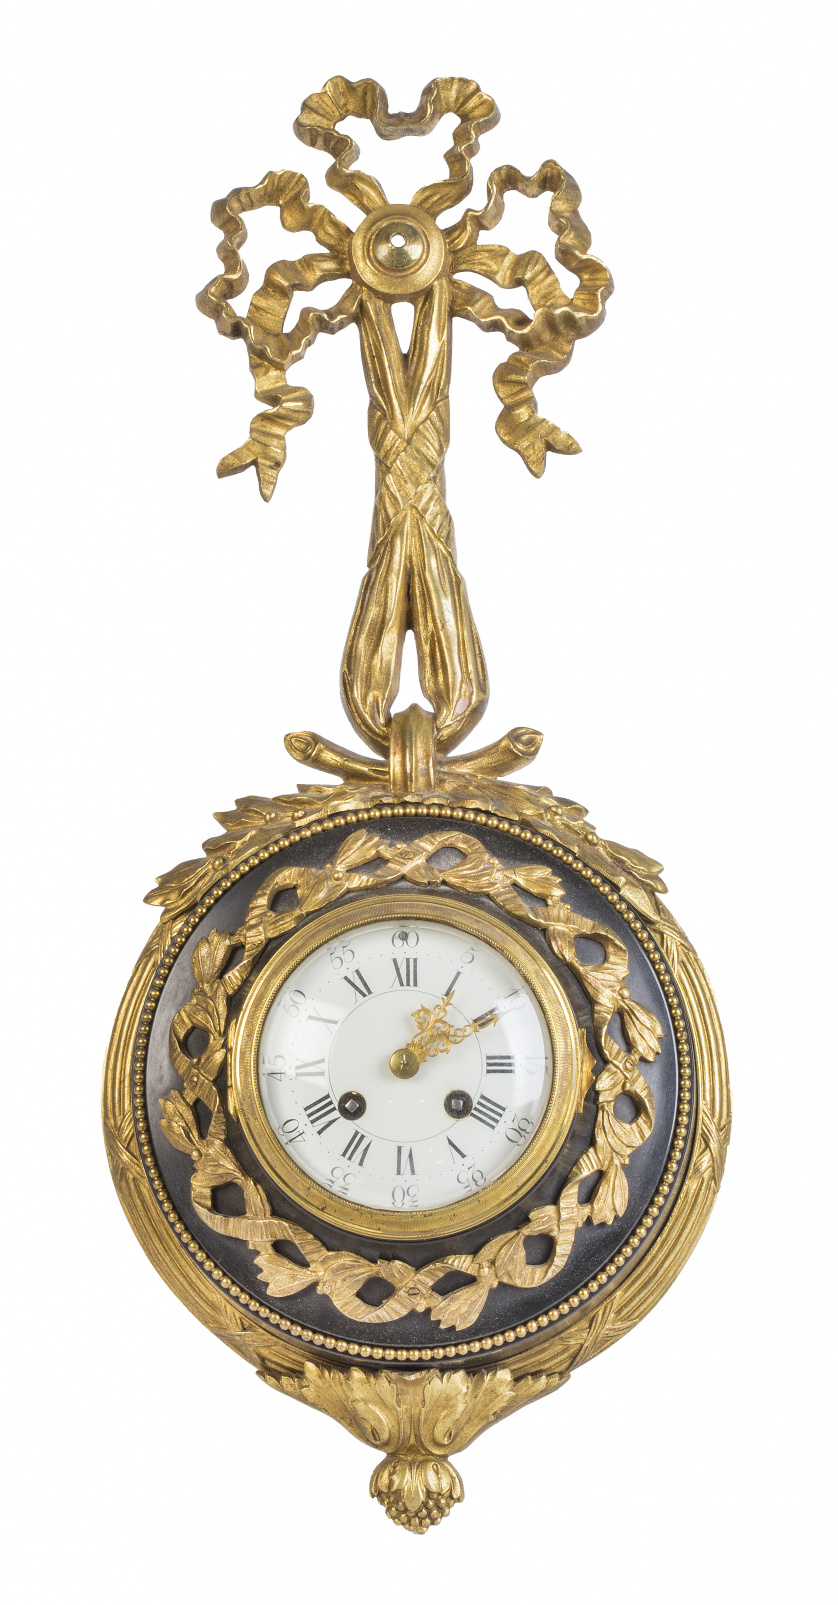 Reloj de pared de estilo Luis XVI de bronce dorado y metal